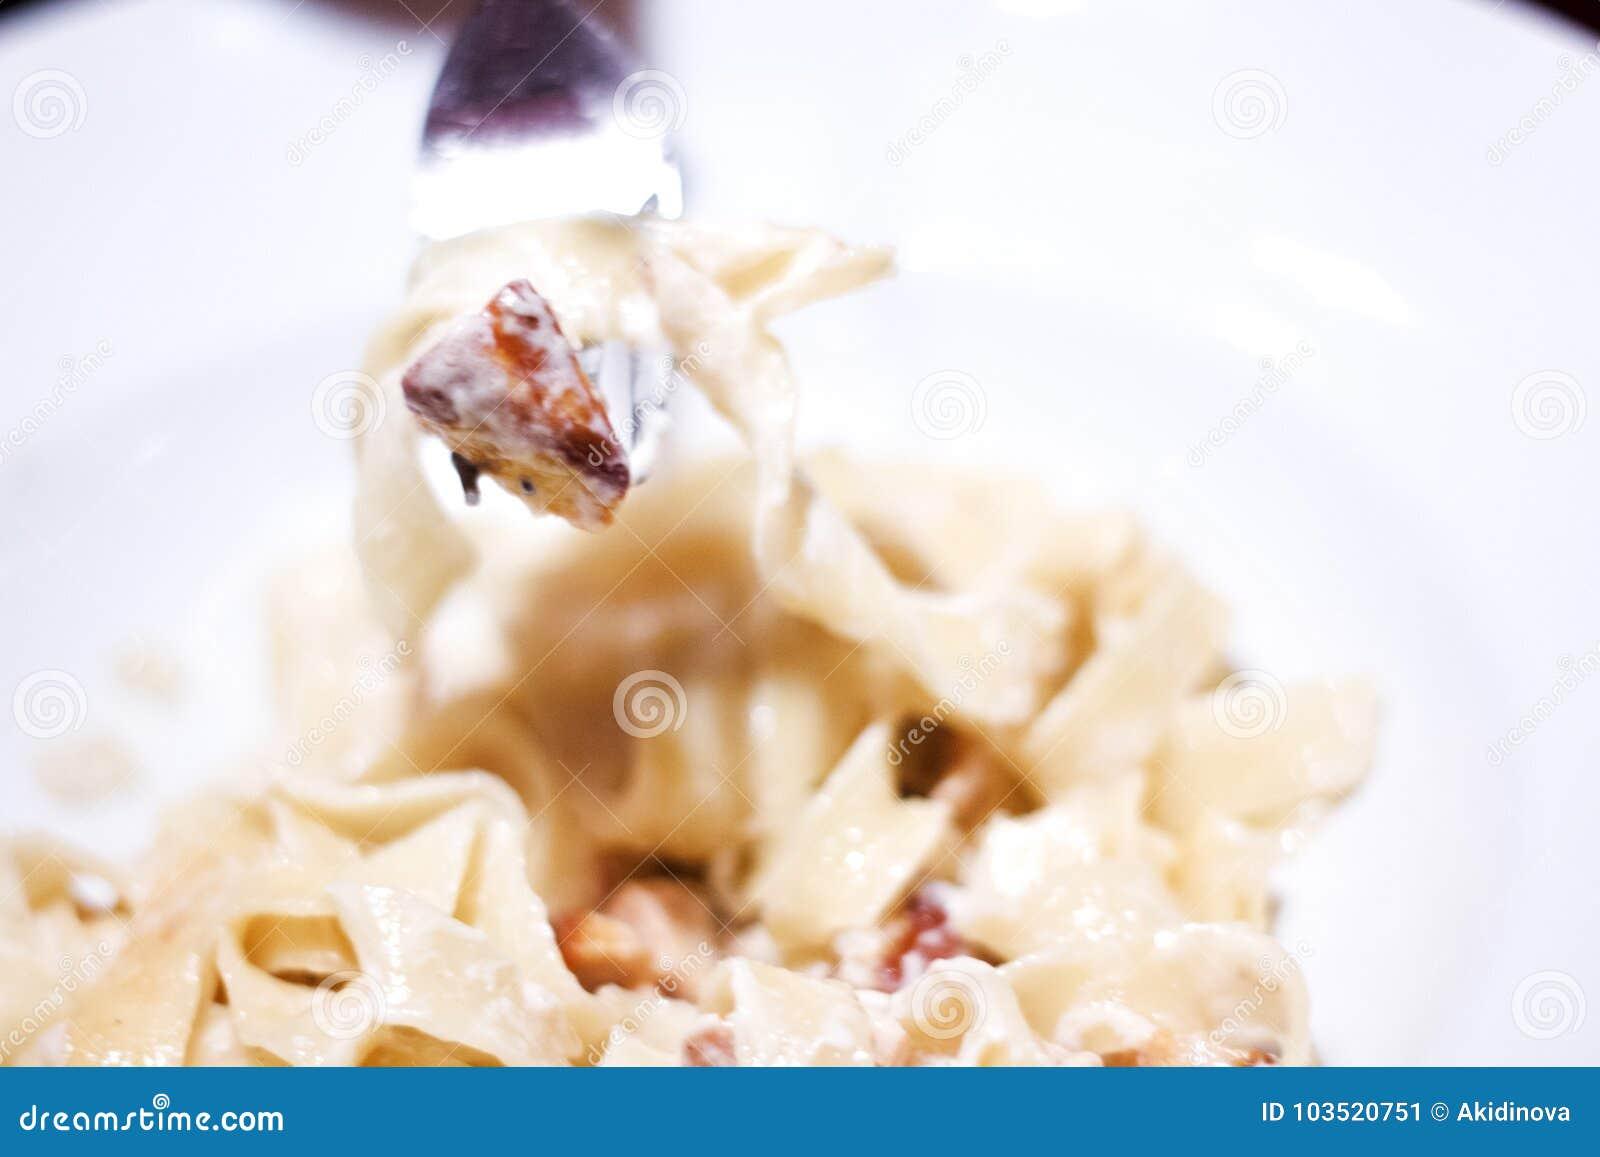 Cuisine Italienne Pates Sur La Fourchette Pates Avec L Huile D Olive